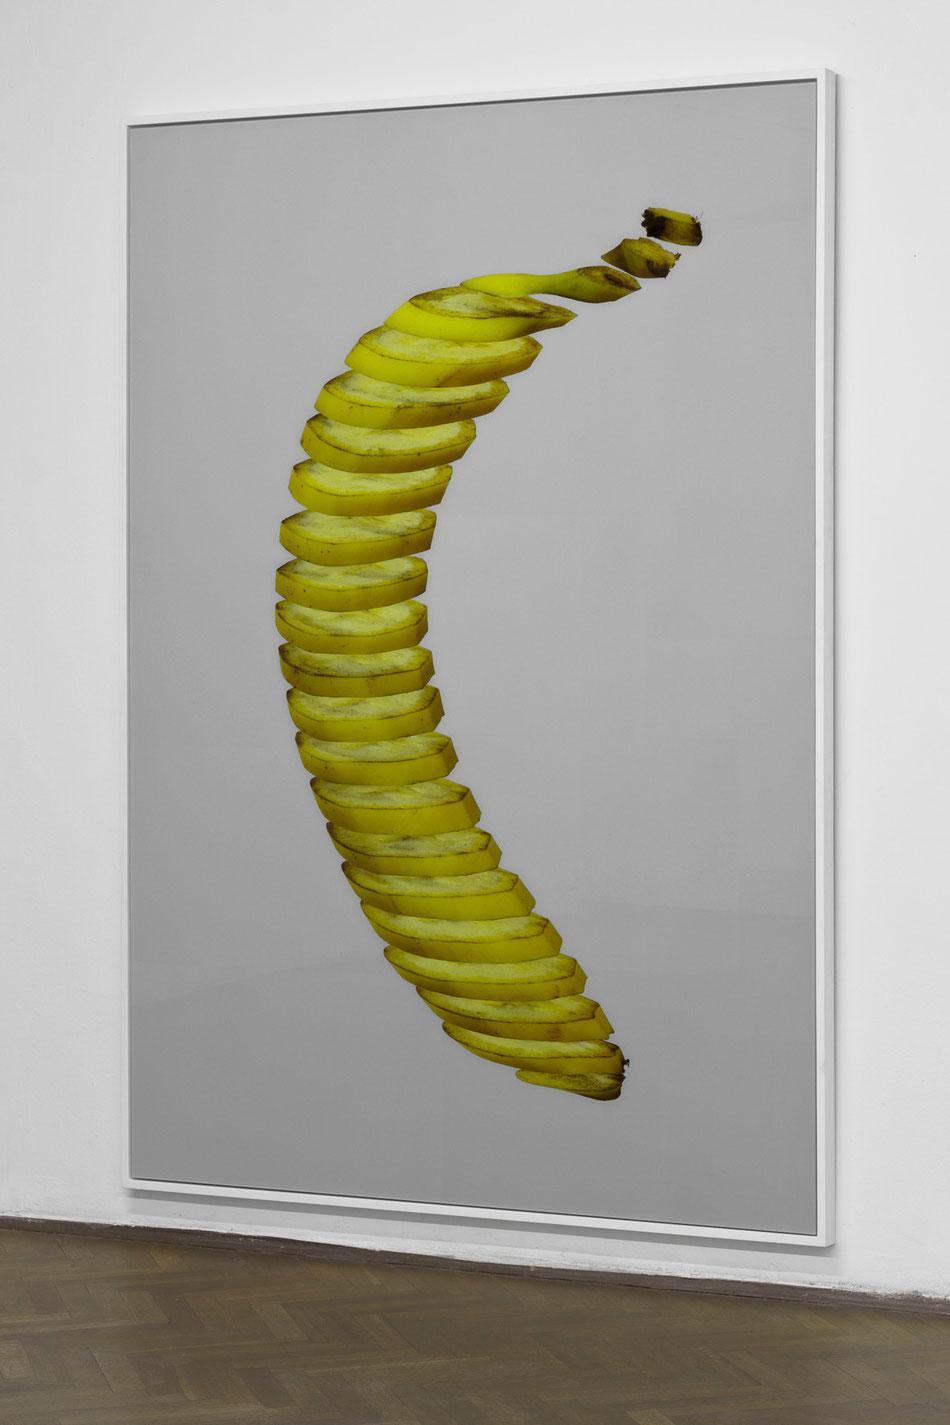 Half a banana | Pół banana, 2014, Diasec, frame, 150x200 cm